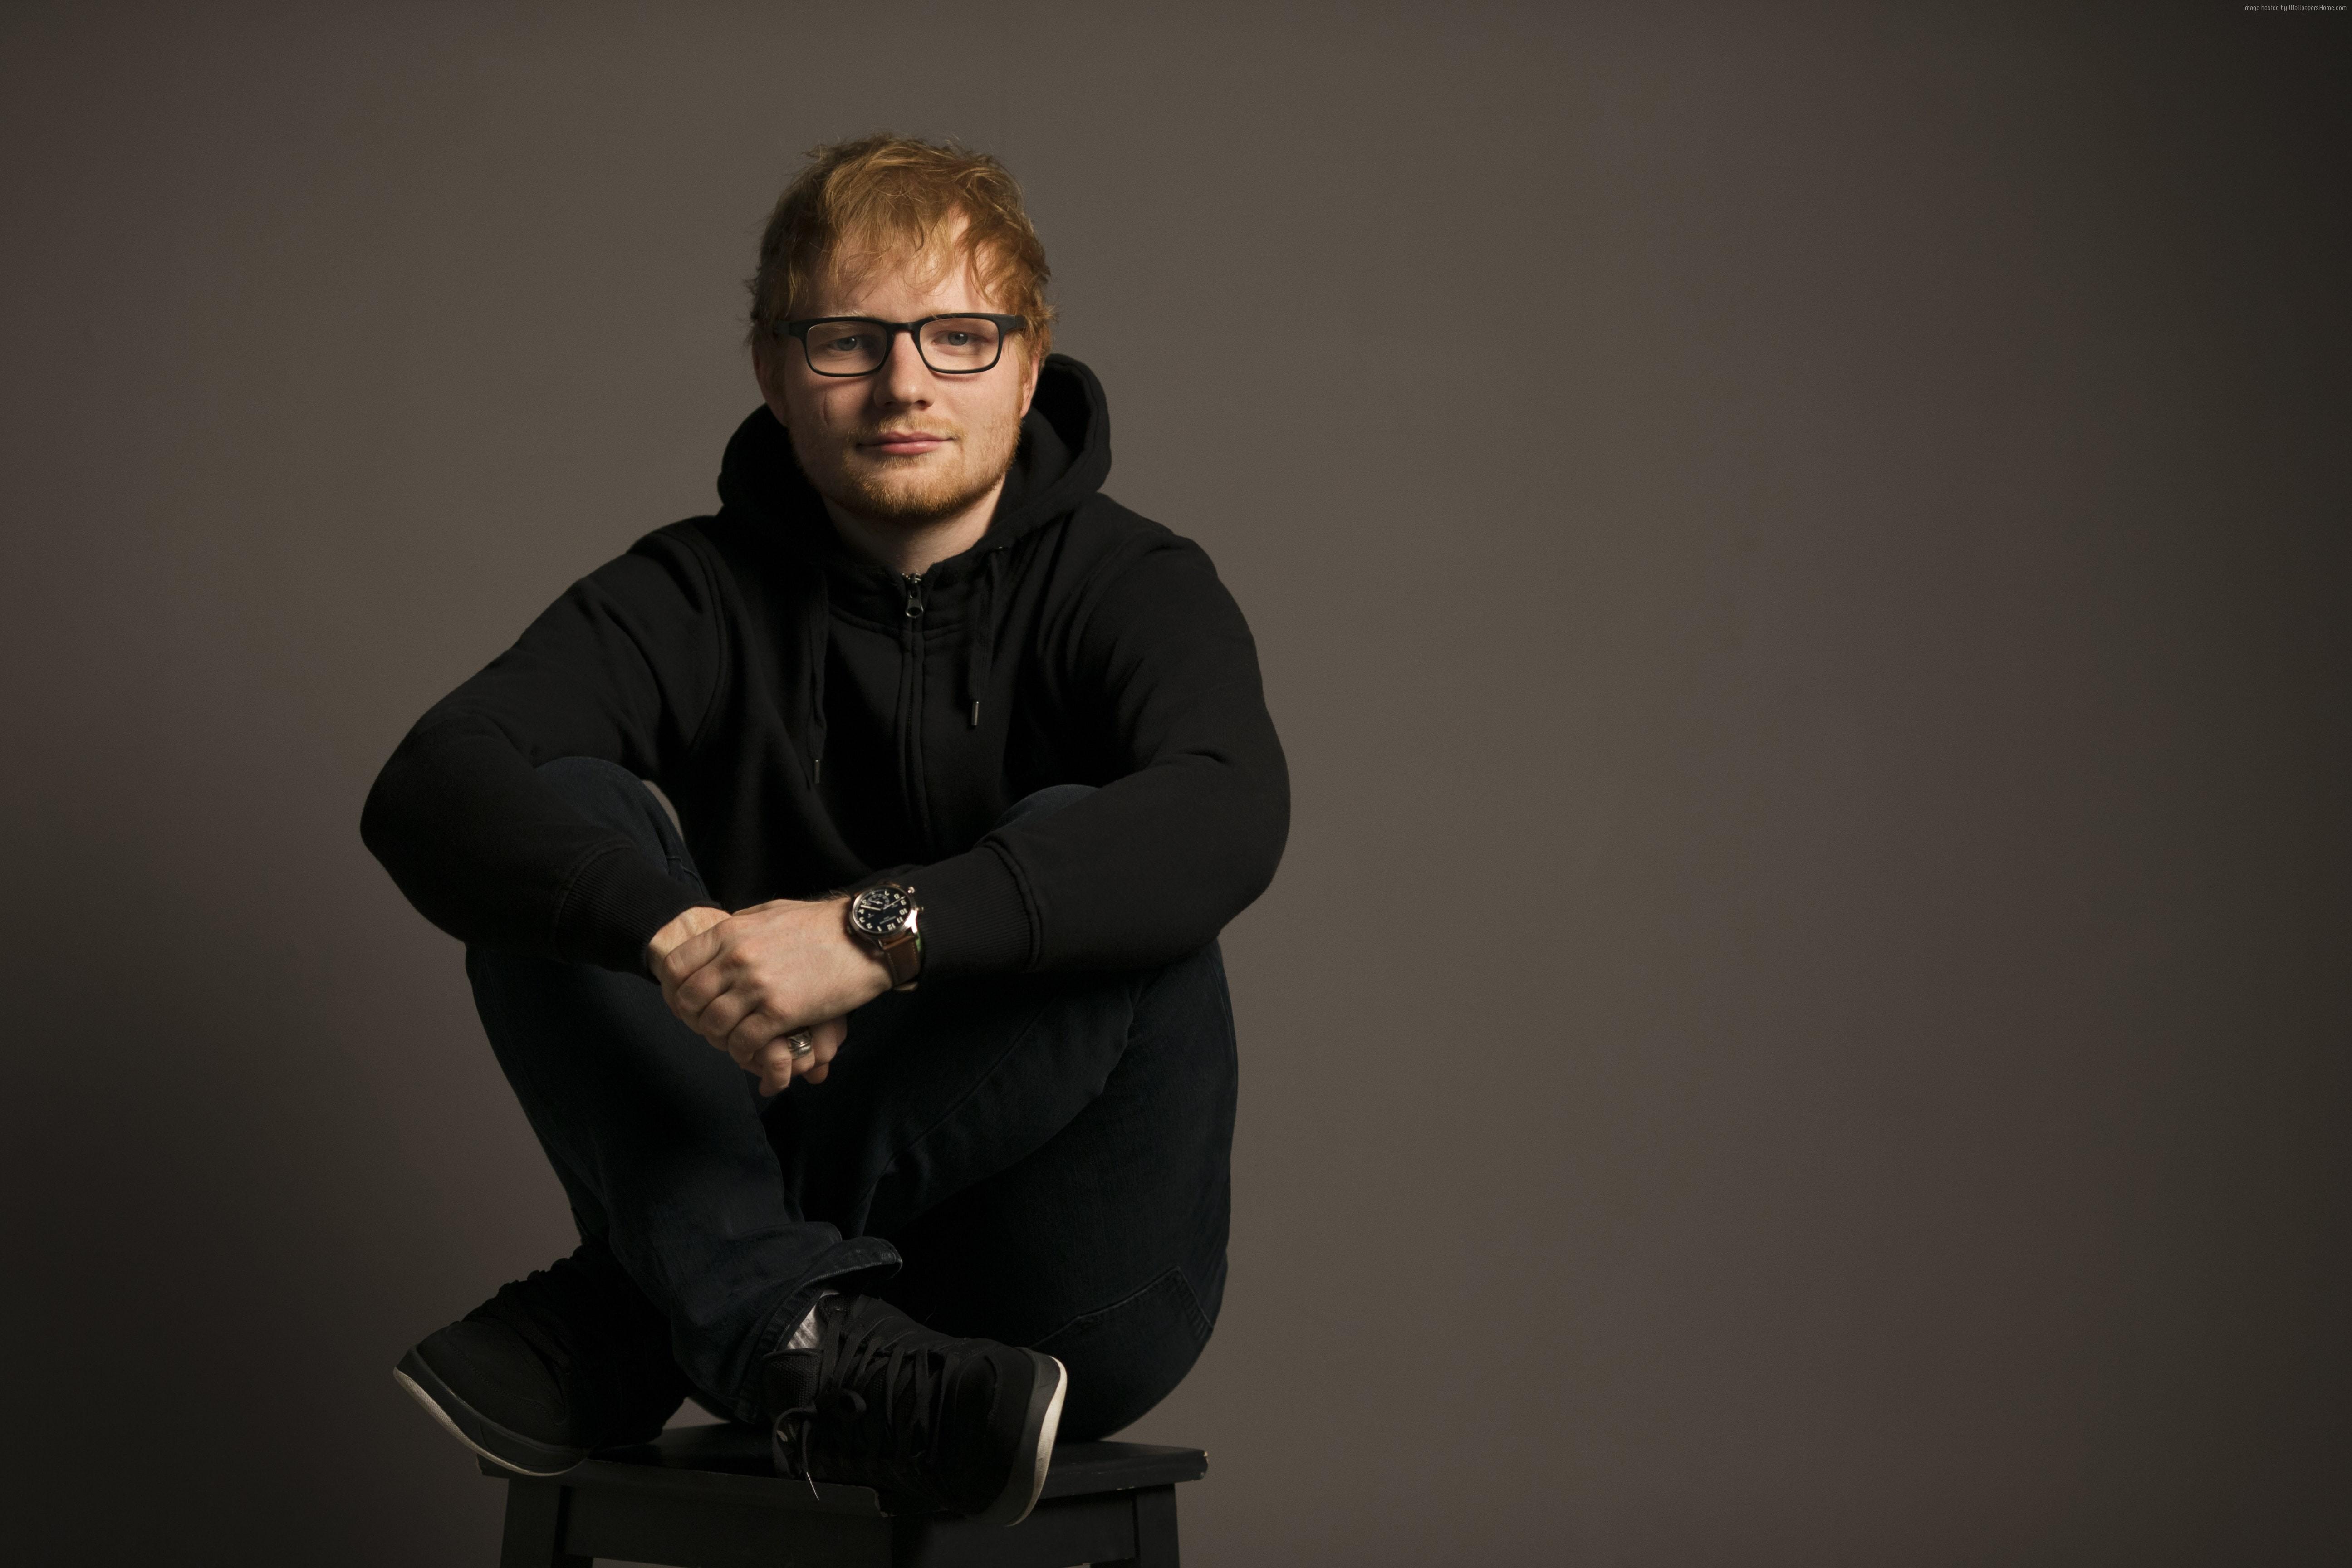 Ed Sheeran 1 - Ed Sheeran - Music, Ed Sheeran